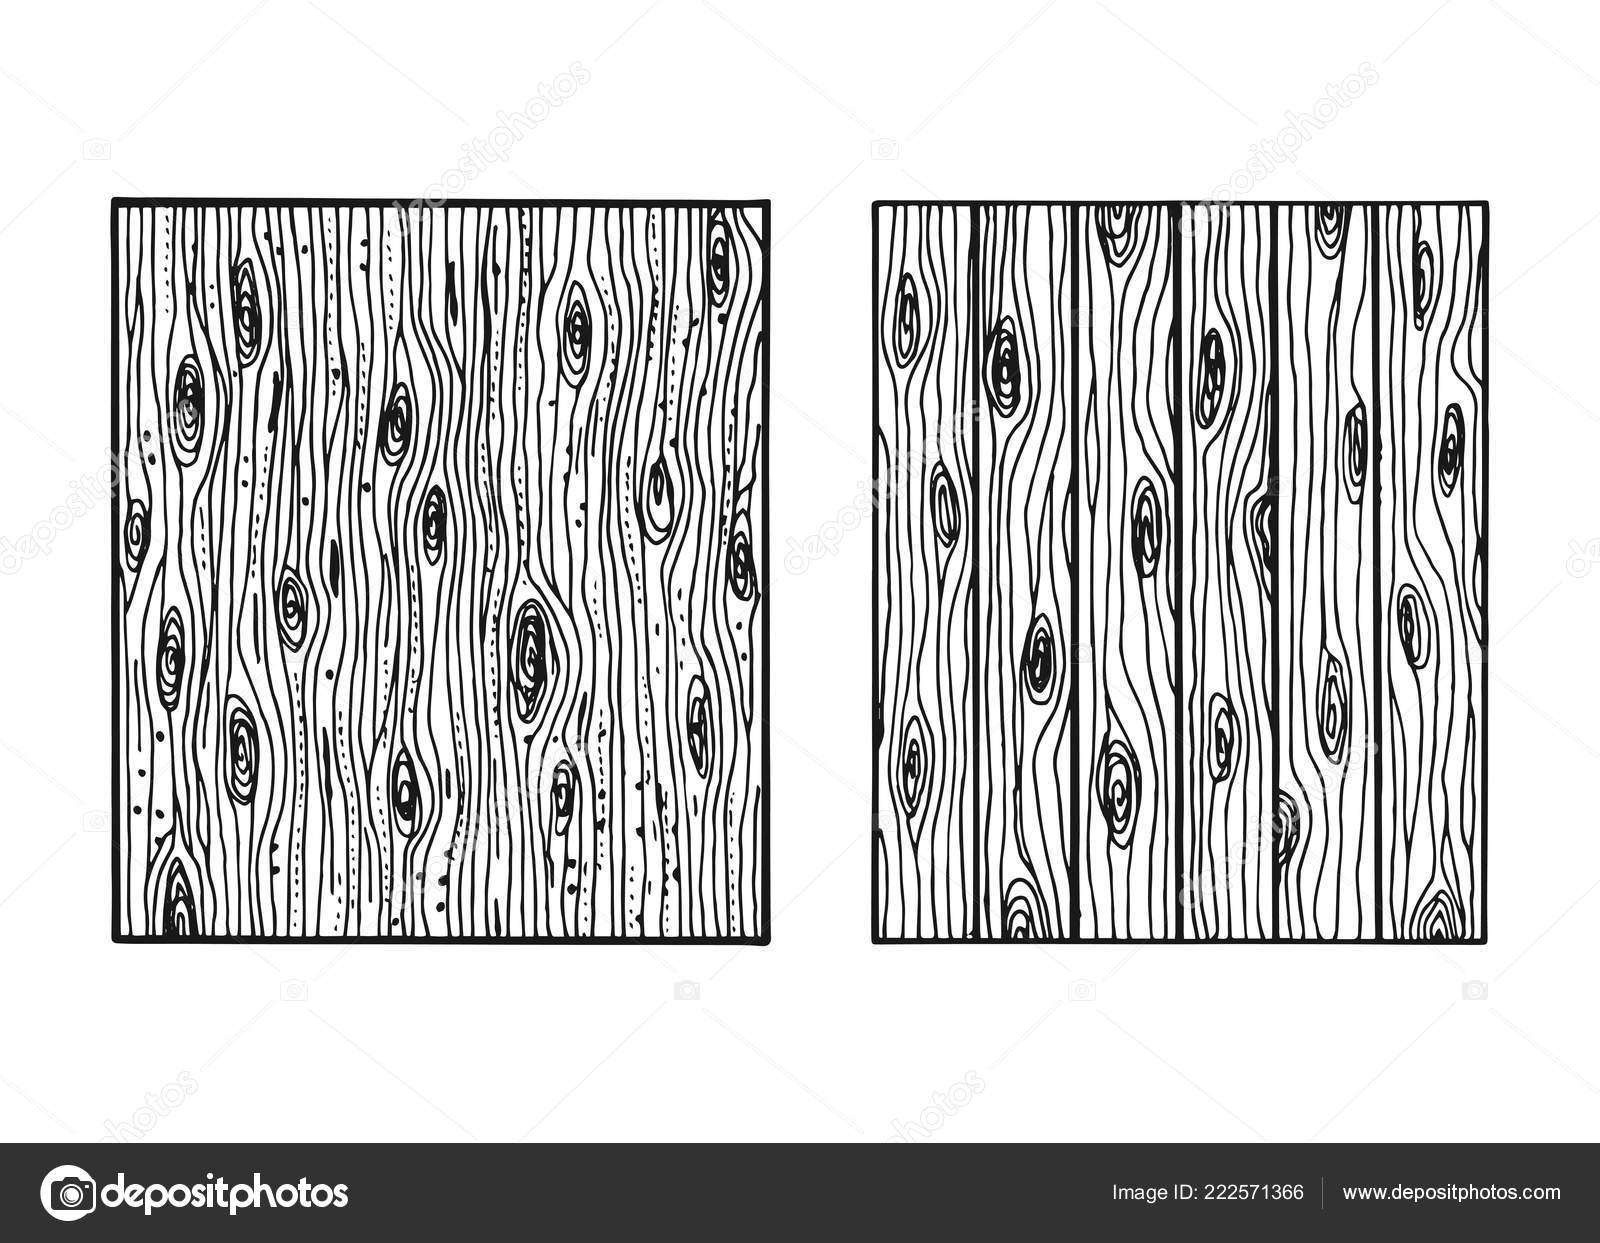 Texture Bois Isolé Main Dessin Panneaux Clôture Image